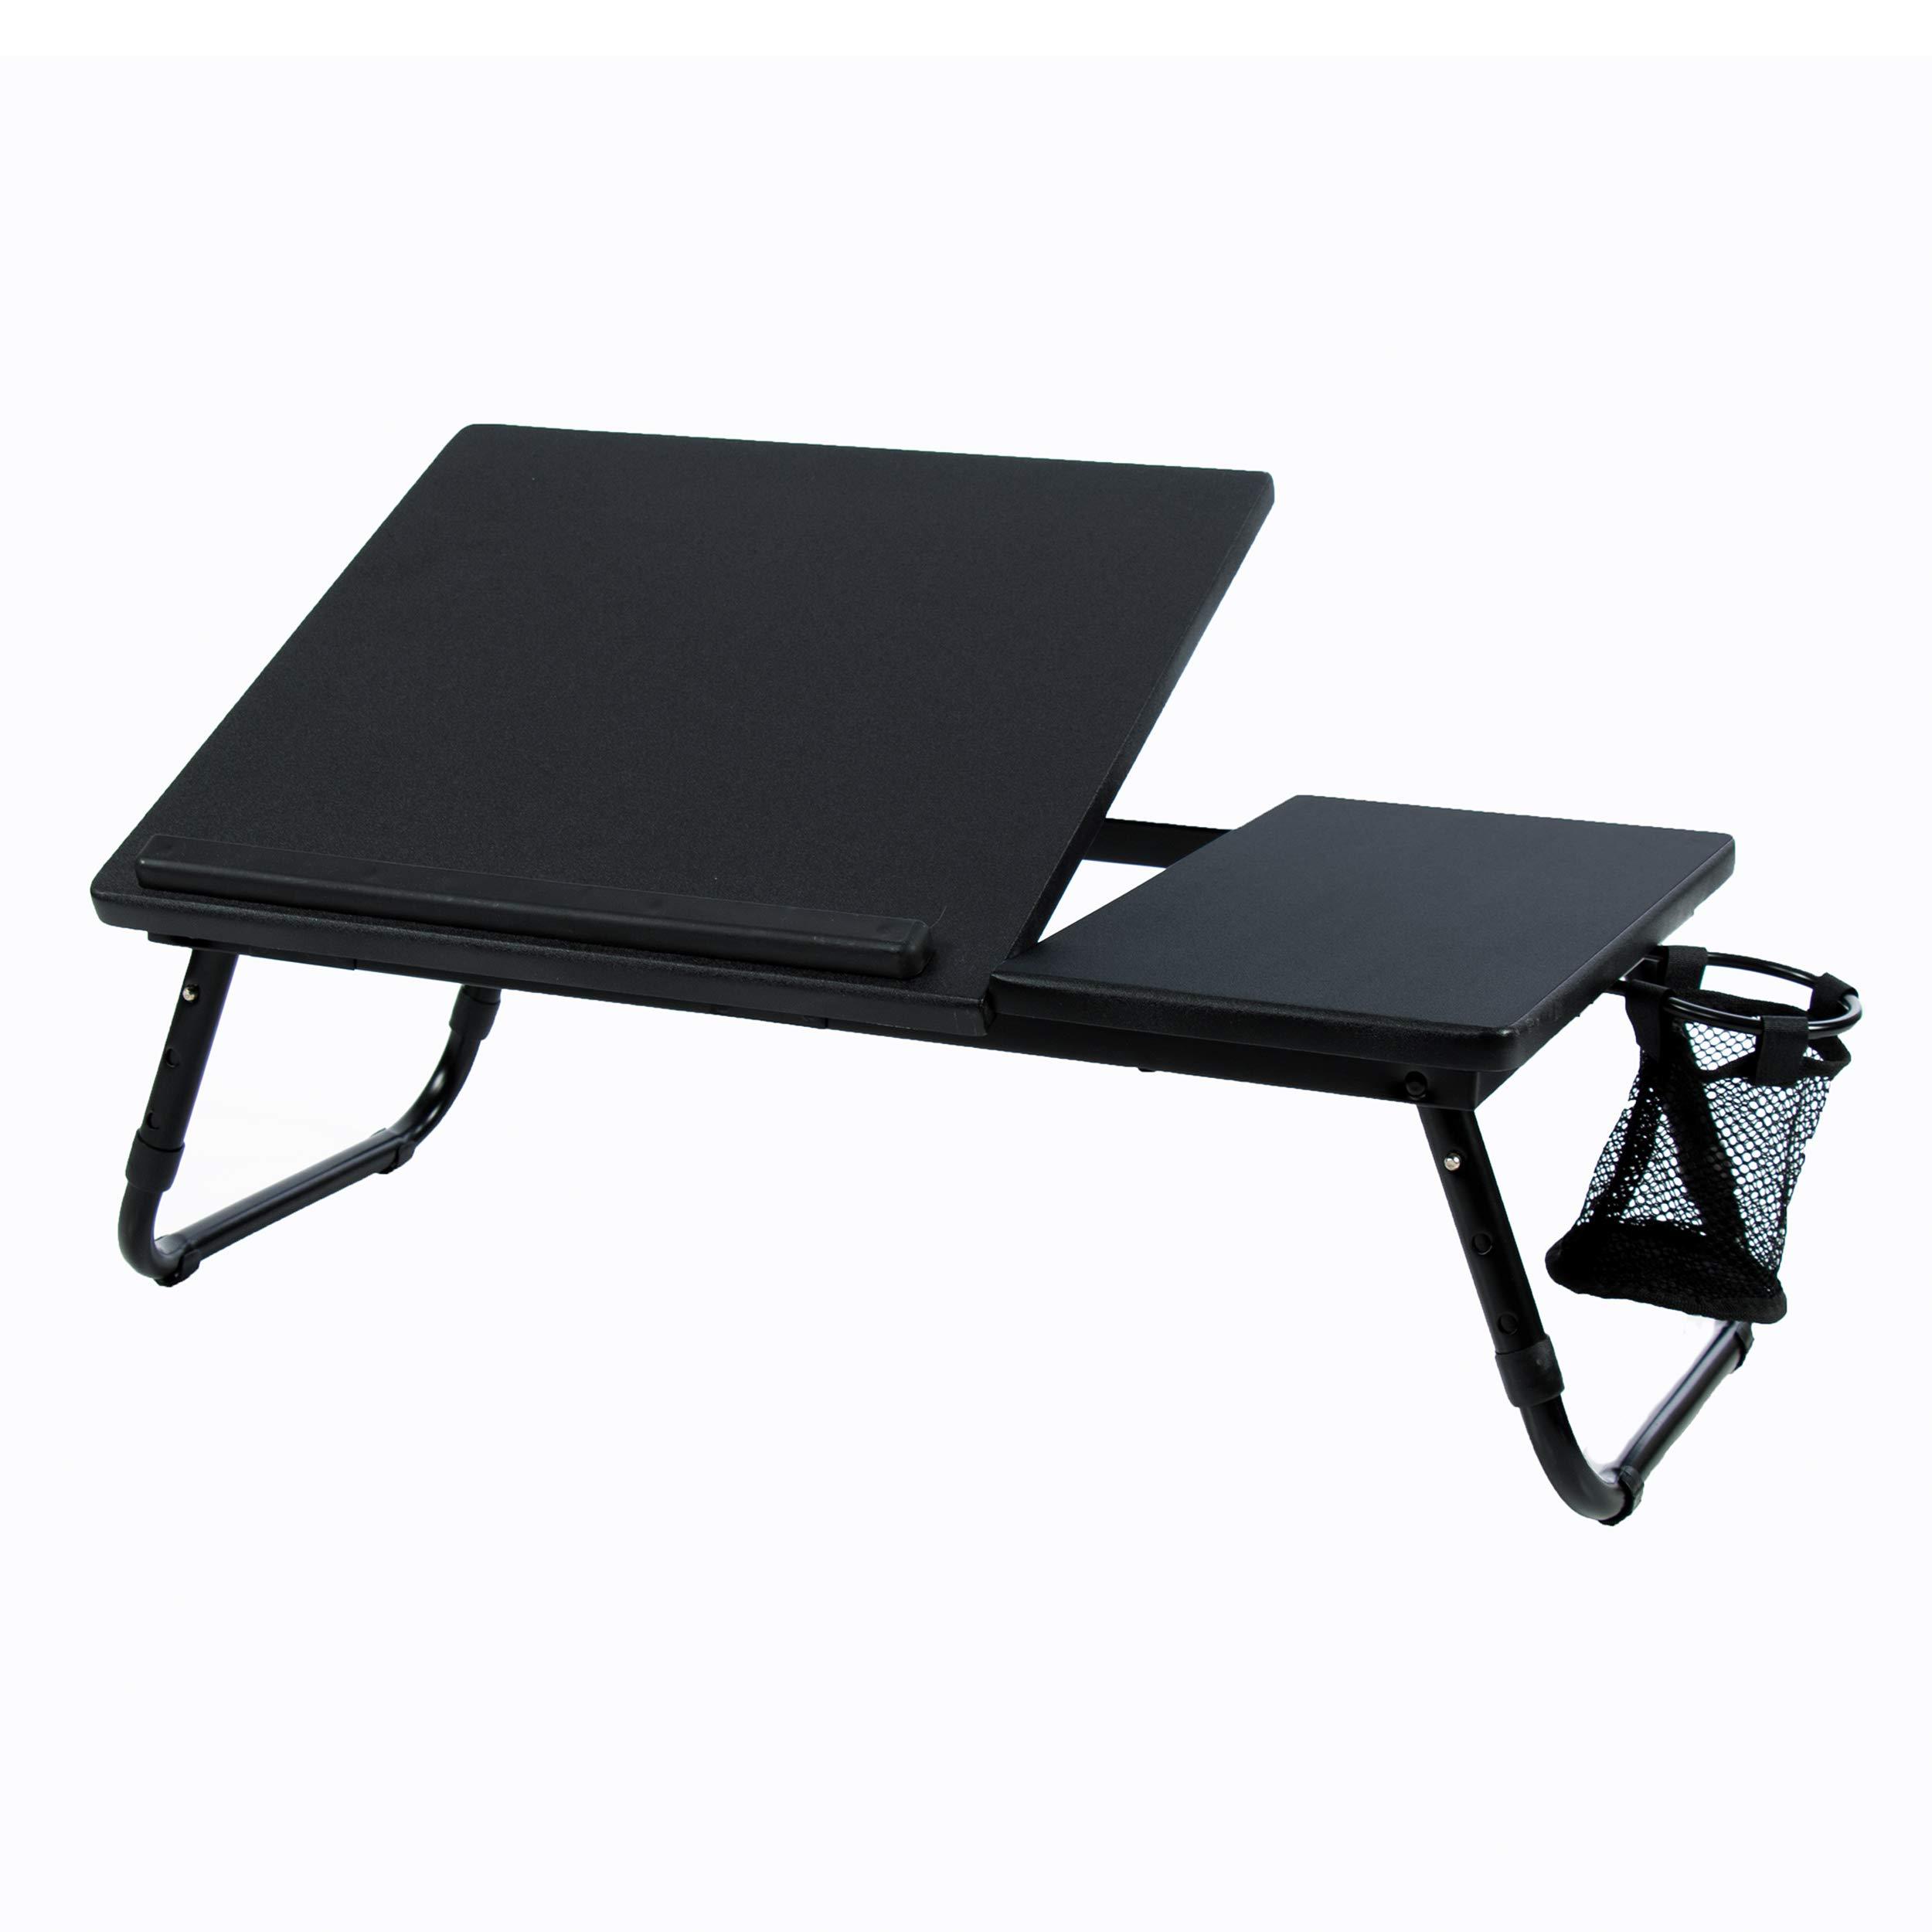 Atlantic 33908076 Lap Desk Laptop Stand, Black